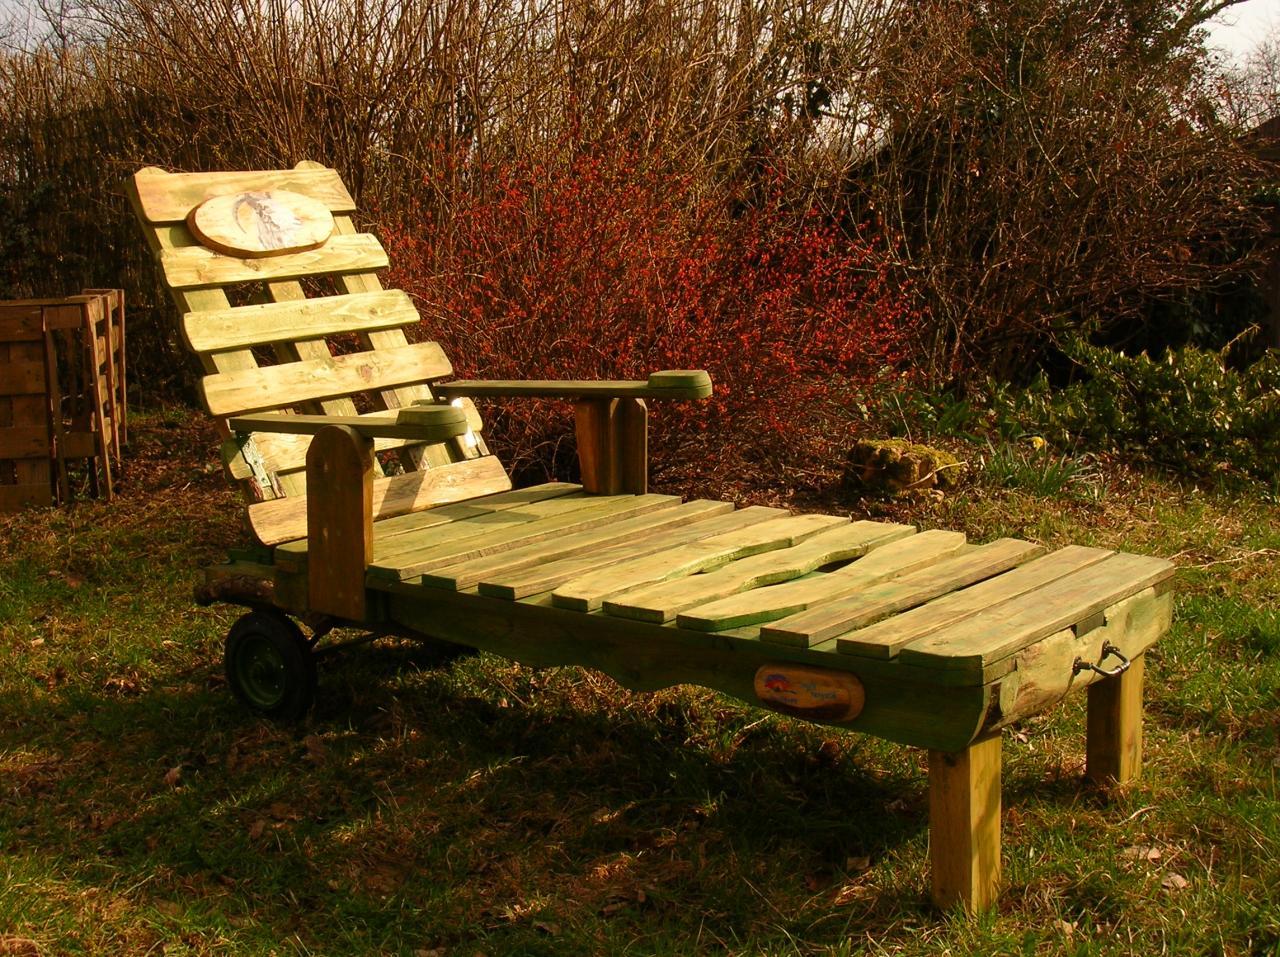 Mobiliers de jardin construits en palettes recycl es for Fabrication de fauteuil de jardin en palette